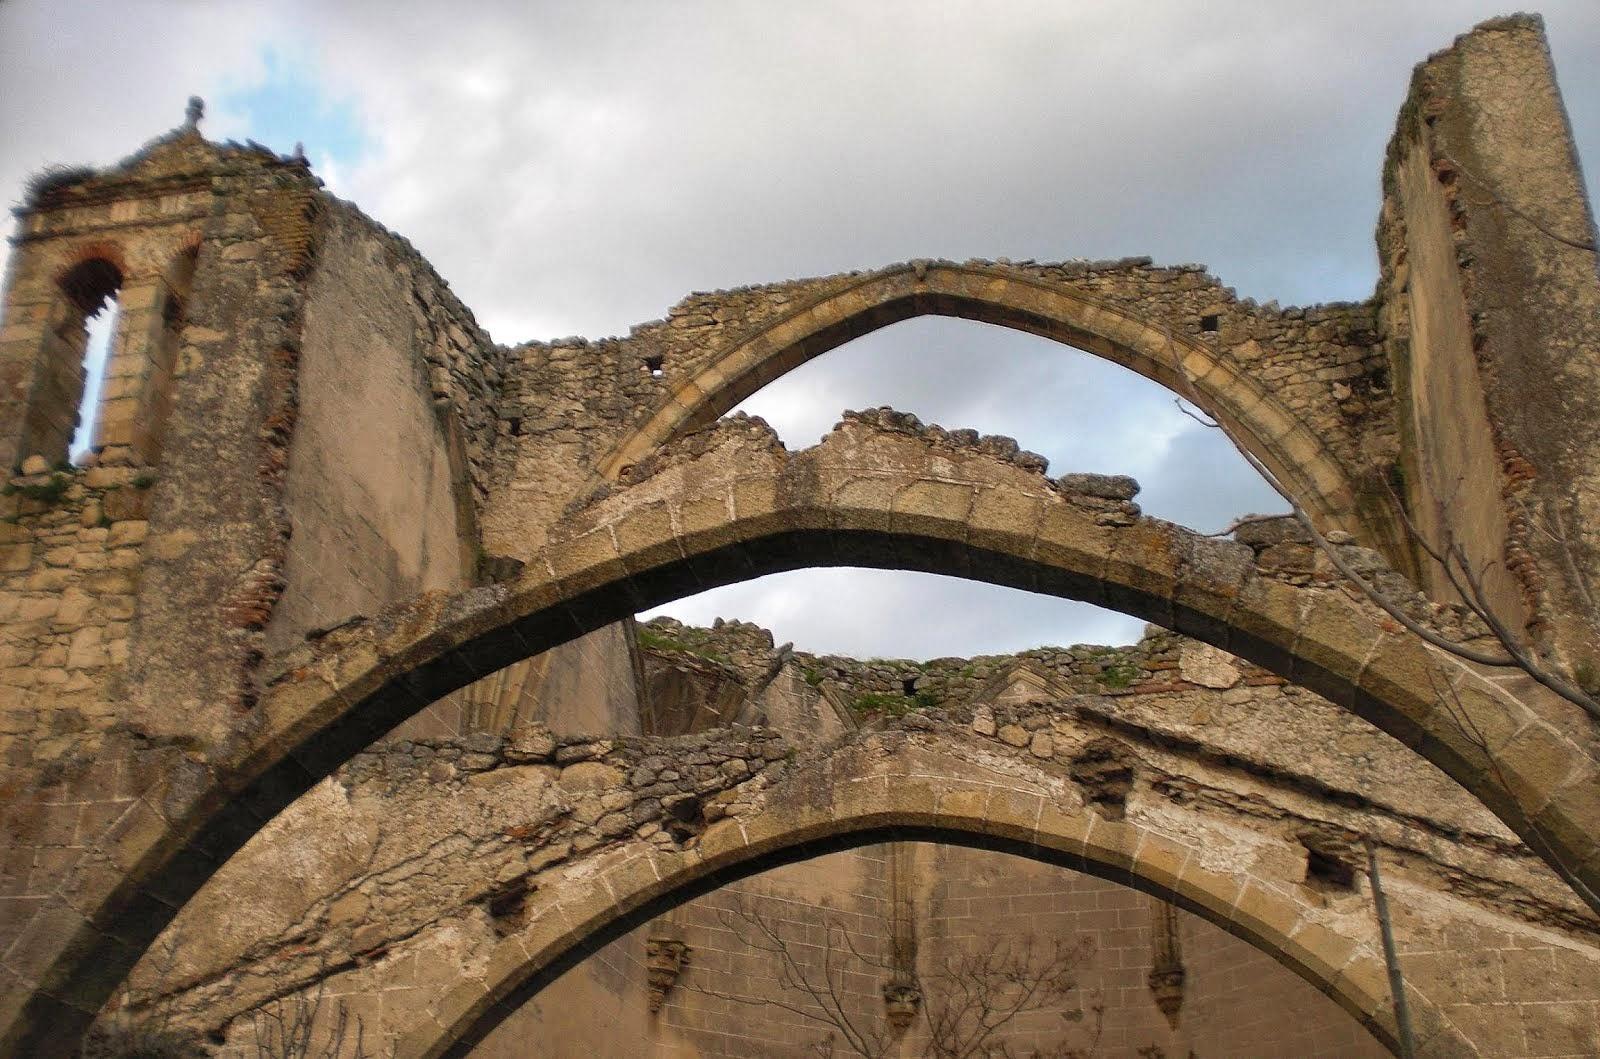 Colaboraciones de Extremadura, caminos de cultura: